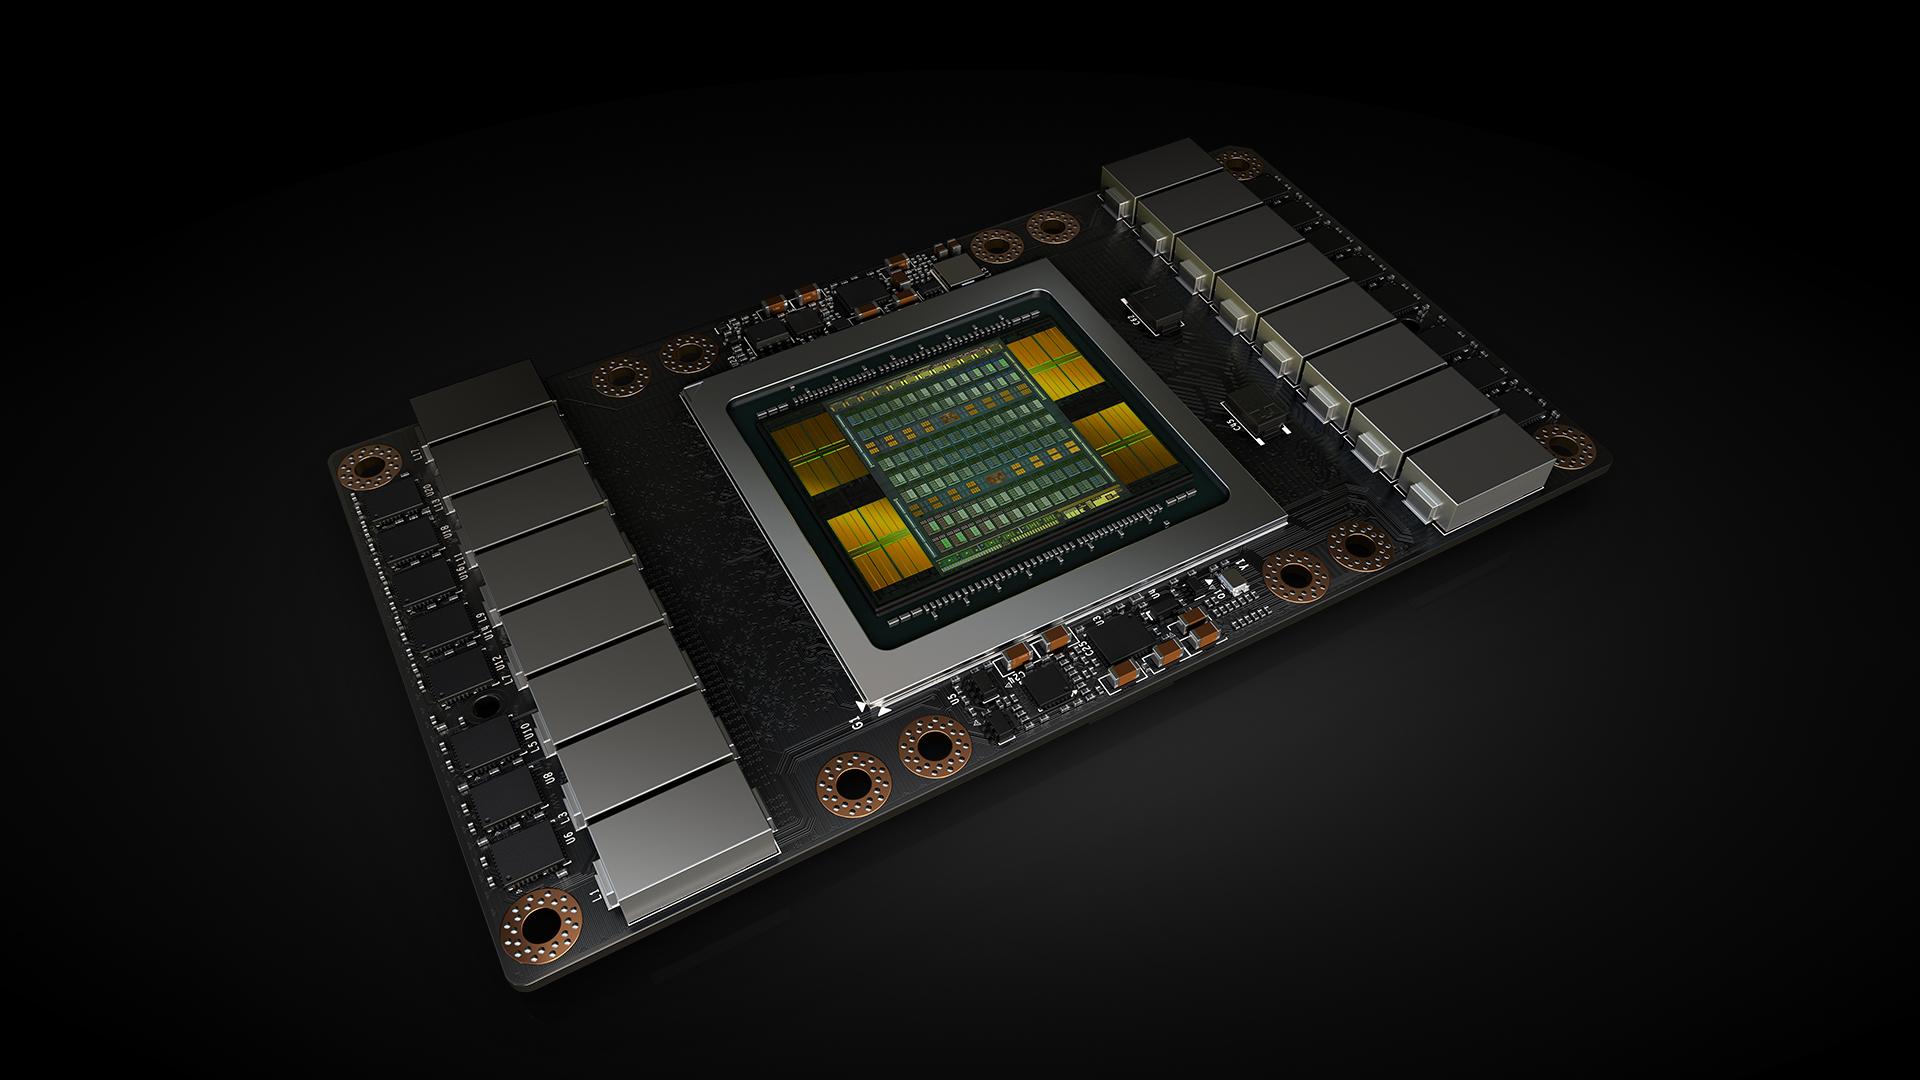 An NVIDIA Volta graphics processor.